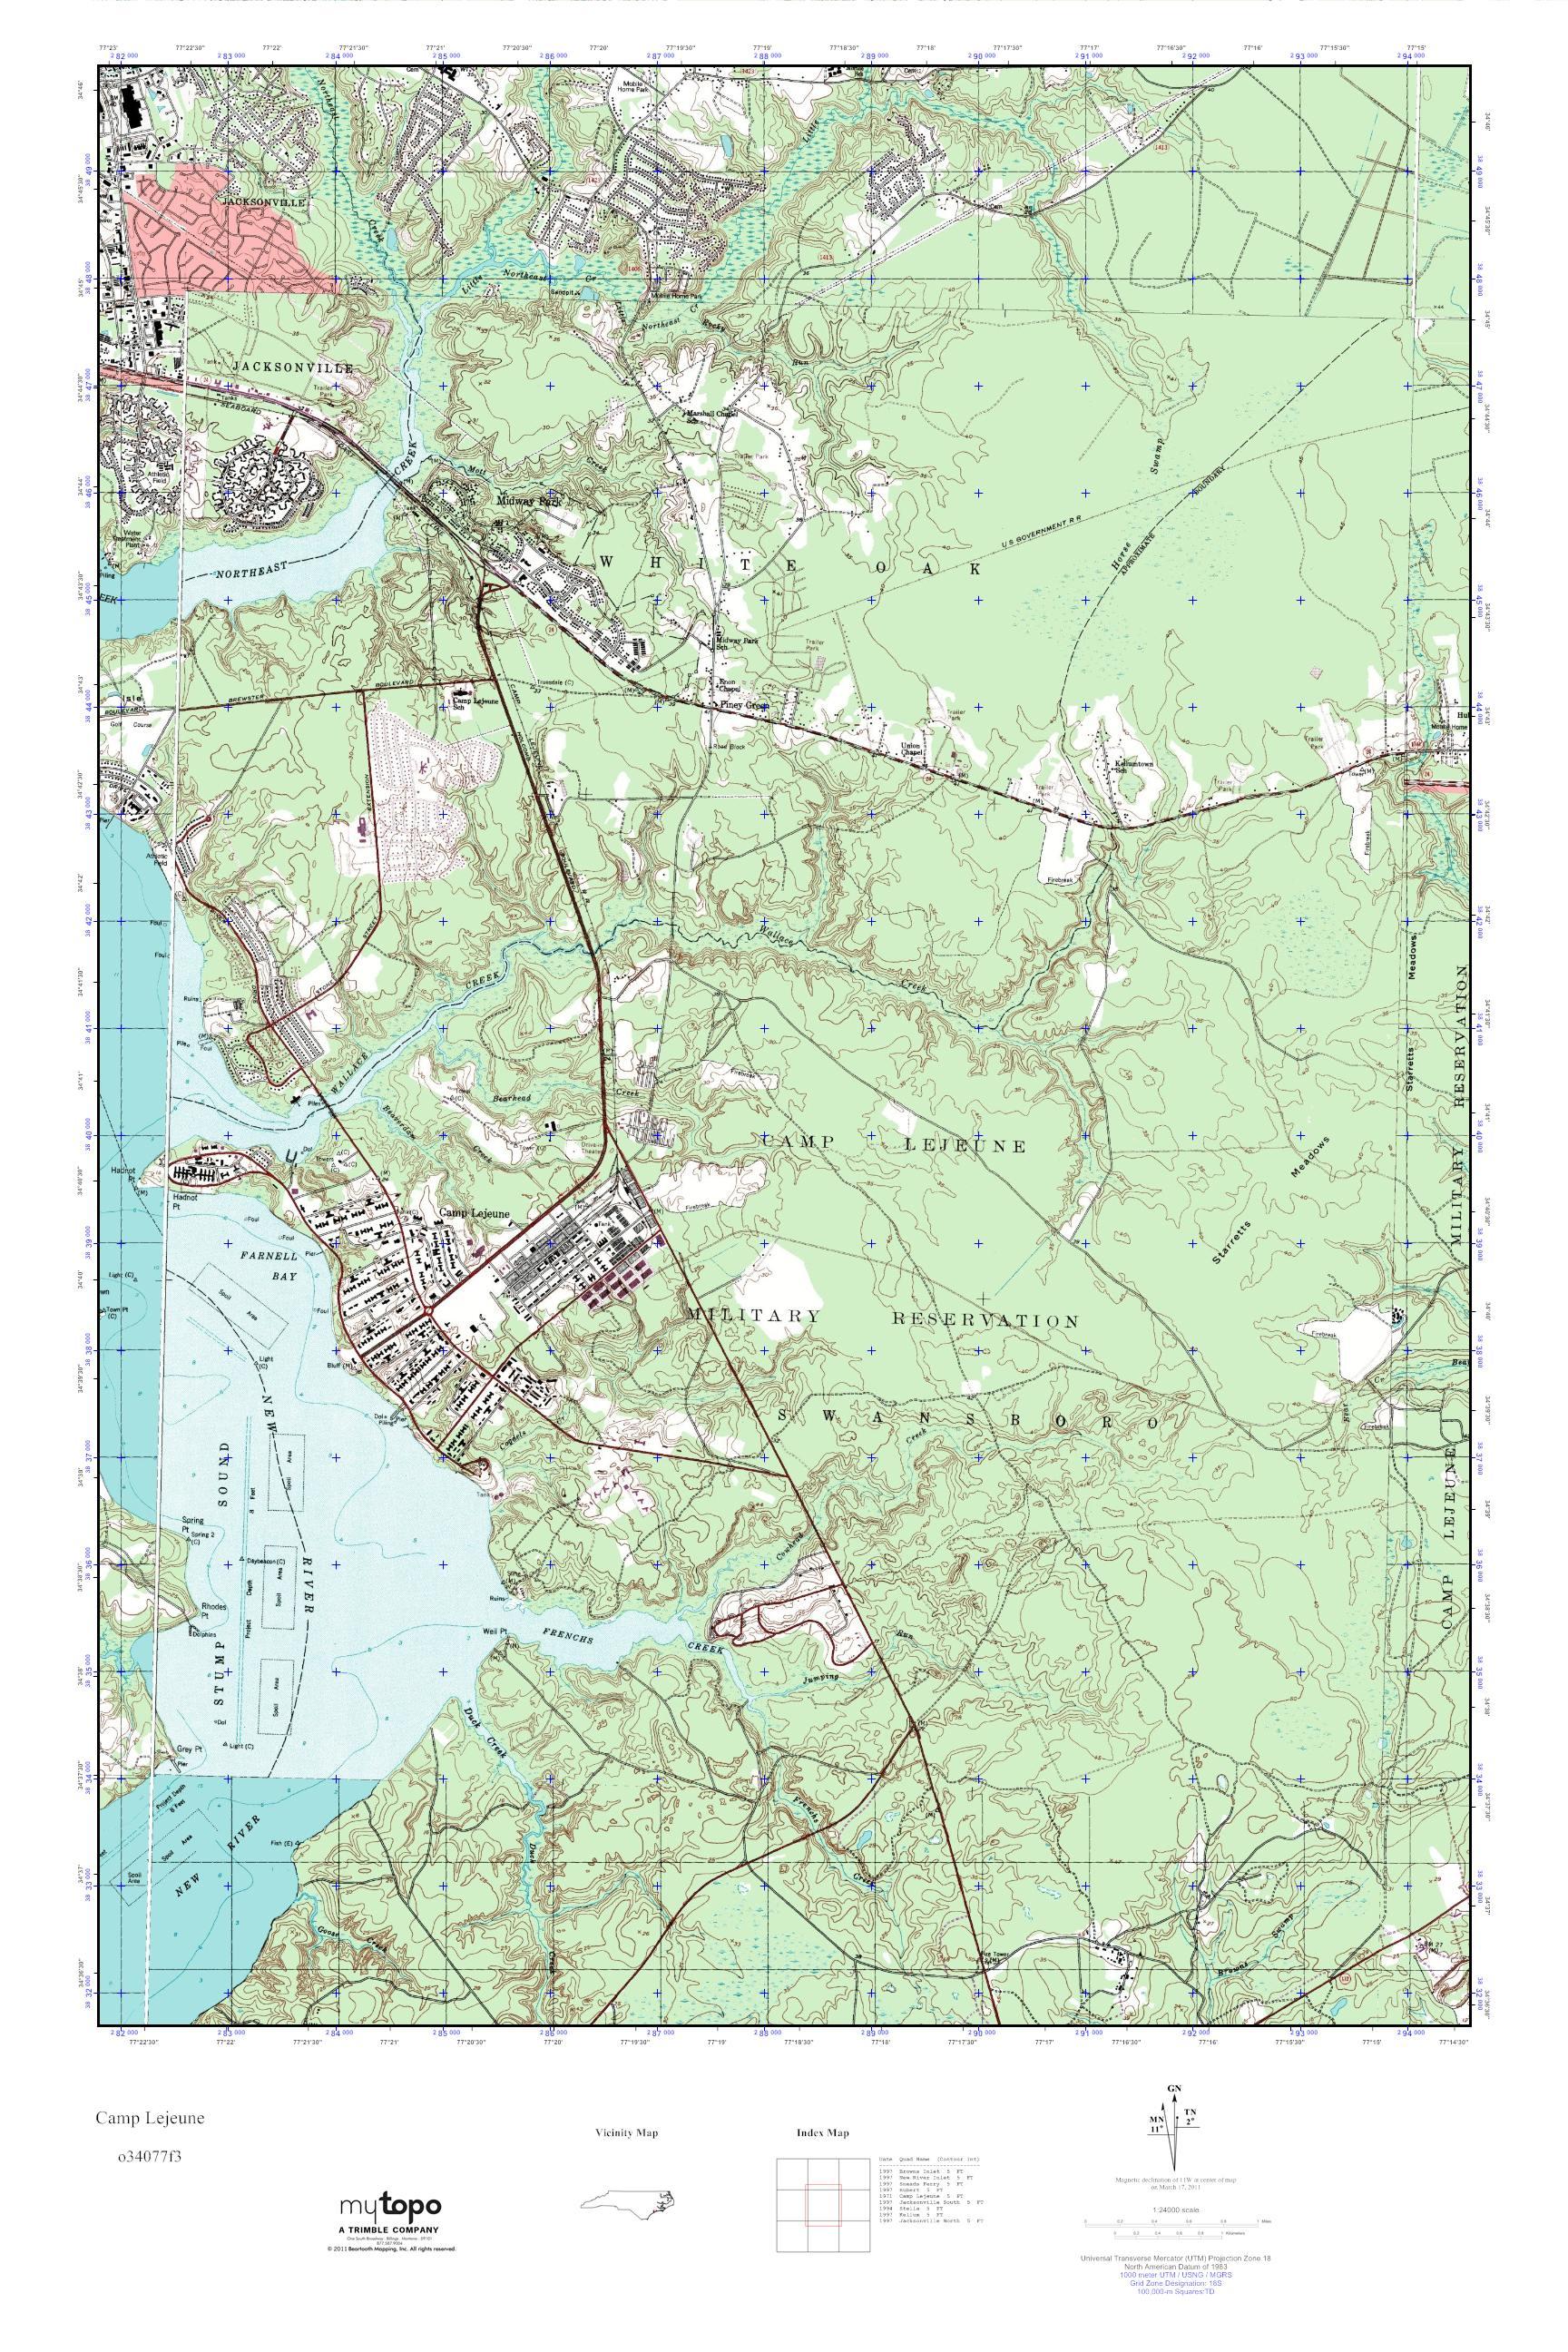 Camp Lejeune Map : lejeune, Lejeune, Building, Numbers, World, Atlas